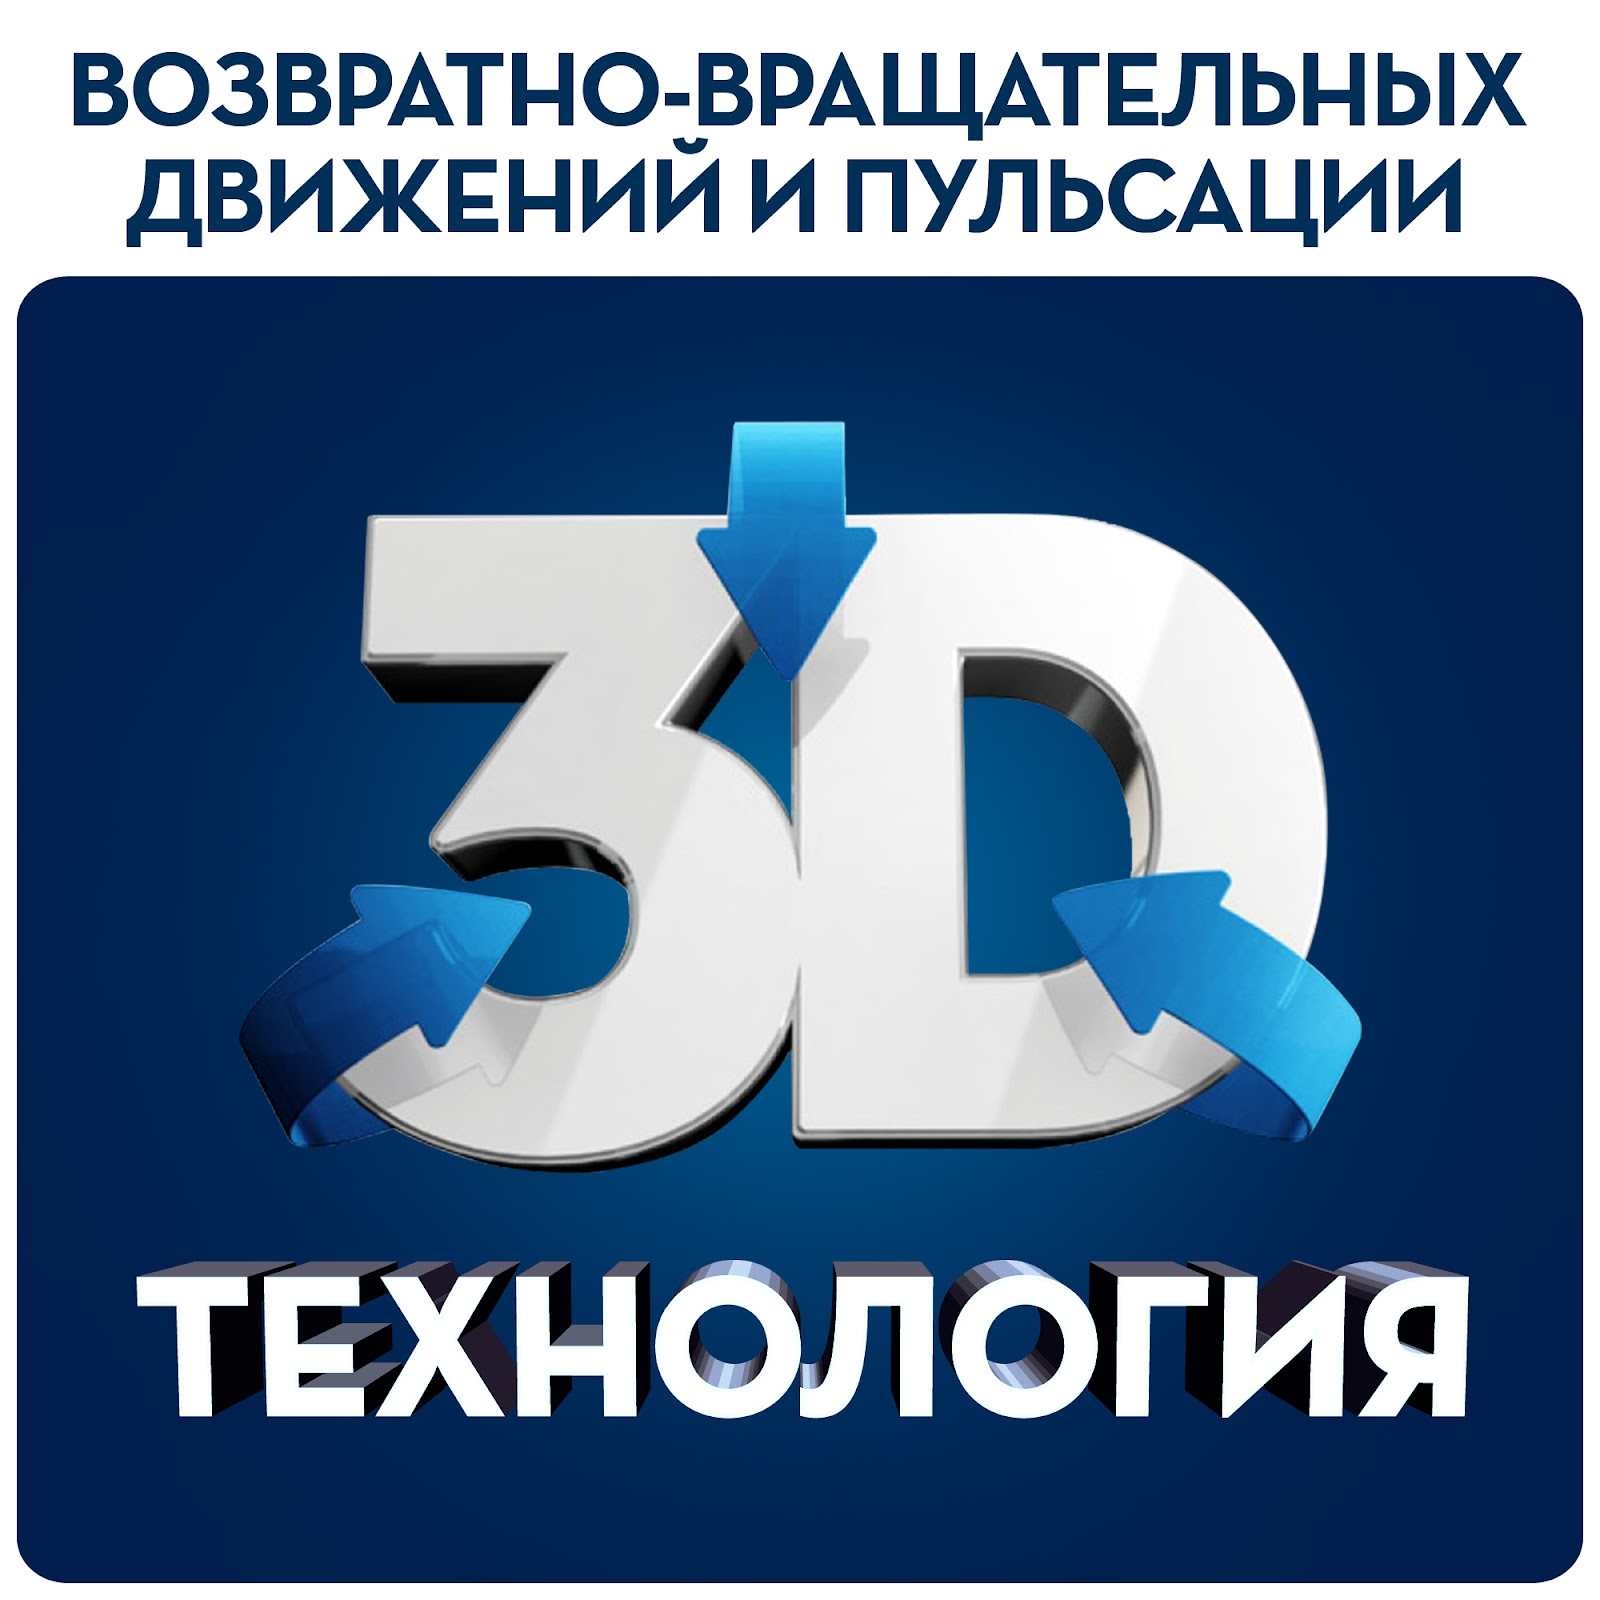 /images/3D%D1%82%D0%B5%D1%85%D0%BD%D0%BE%D0%BB%D0%BE%D0%B3%D0%B8%D1%8F.jpg